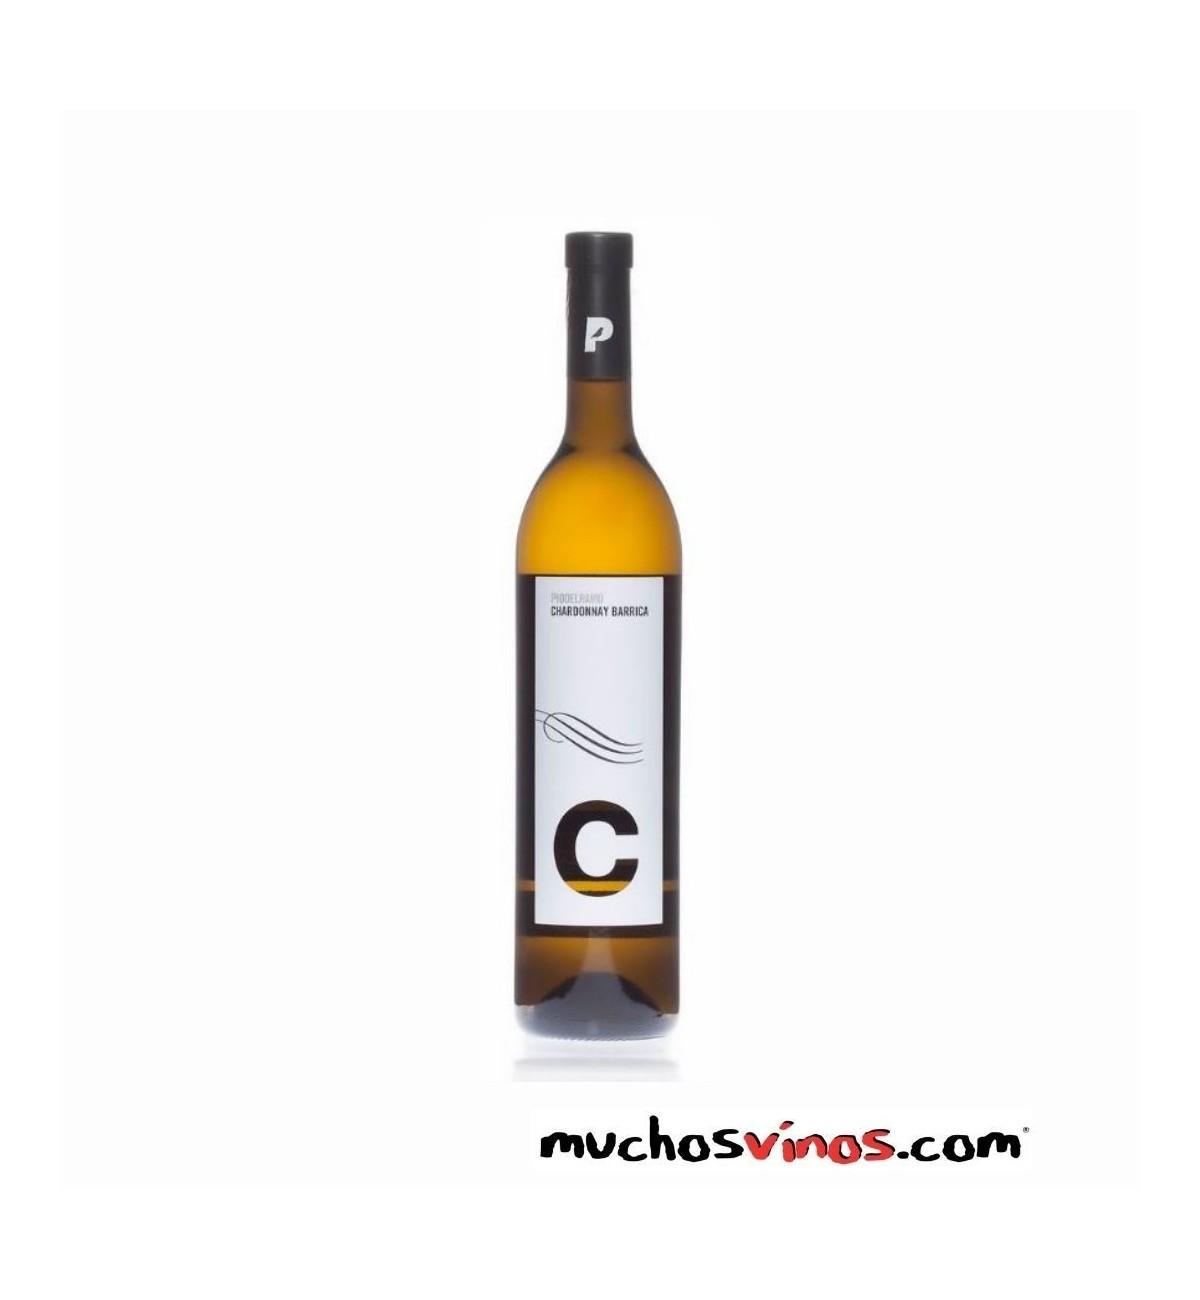 Blanco Chardonnay Barrica - Pío del Ramo - DOP Jumilla - Muchosvinos.com